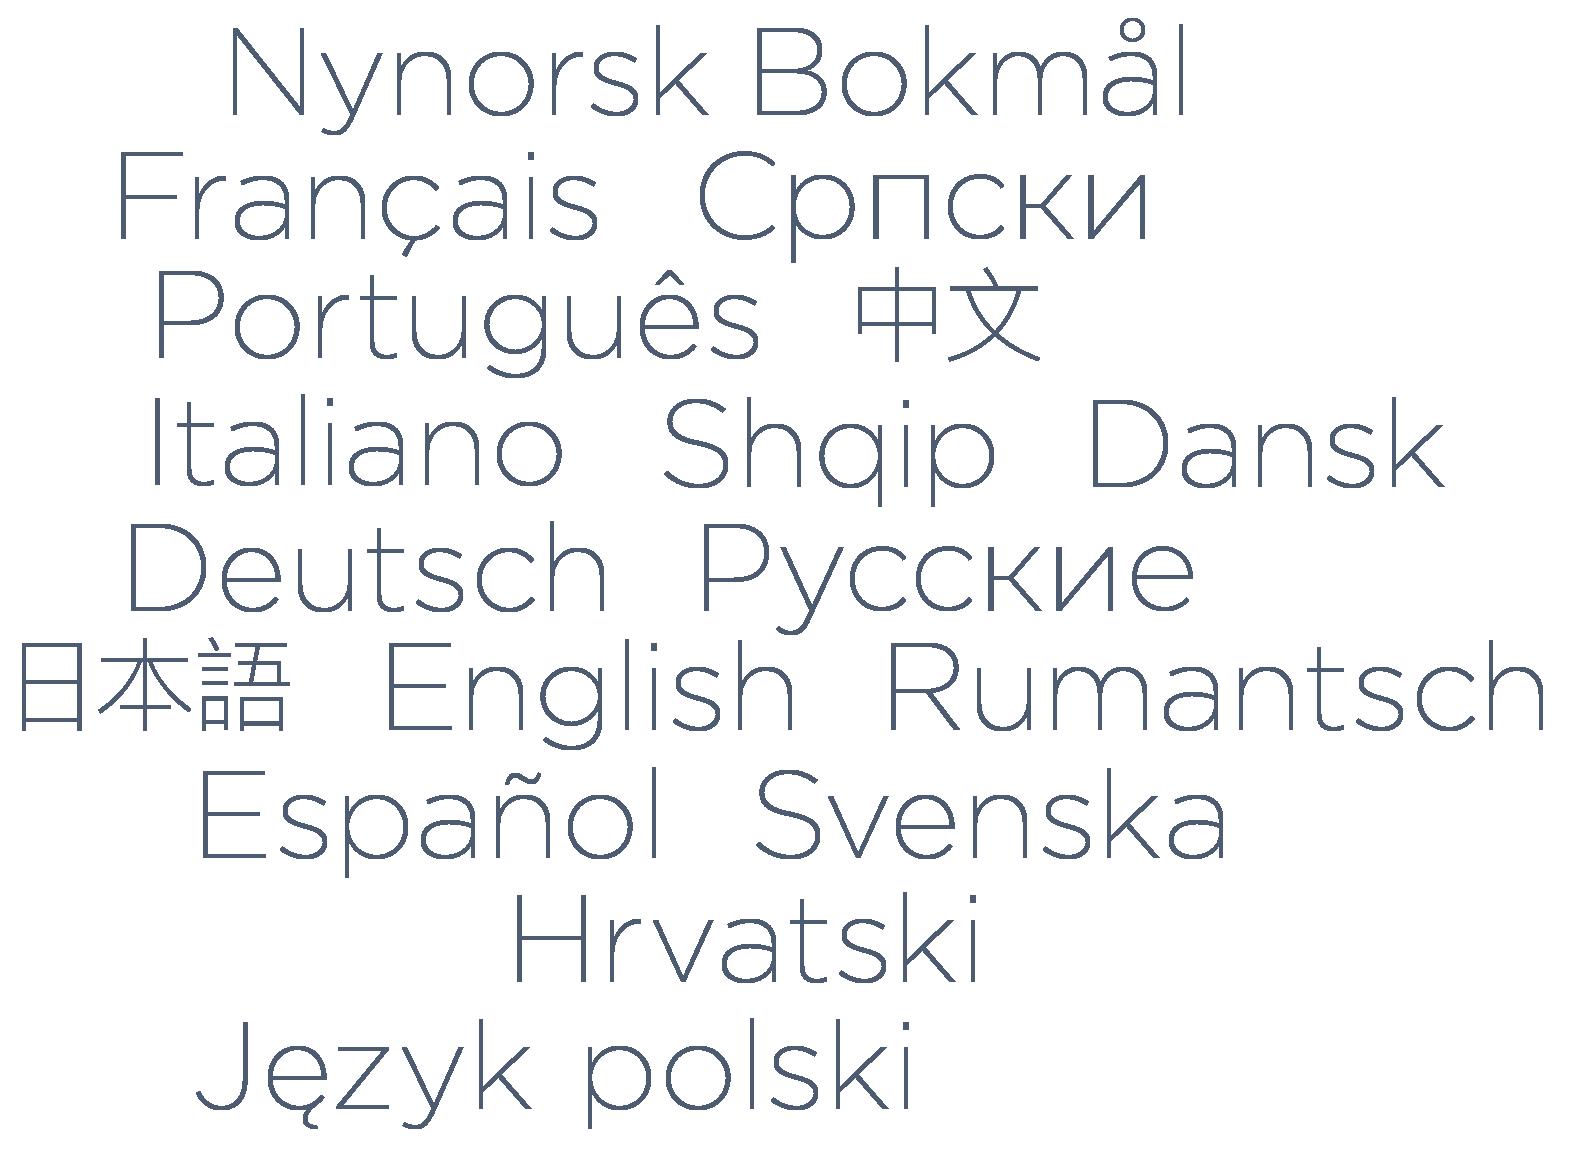 Sprachen, welche im Designer Homepage-Baukasten zur Erstellung einer mehrsprachigen Webseite verwendet werden können. Zum Beispiel Deutsch, English, Französisch, Italienisch und viele mehr.